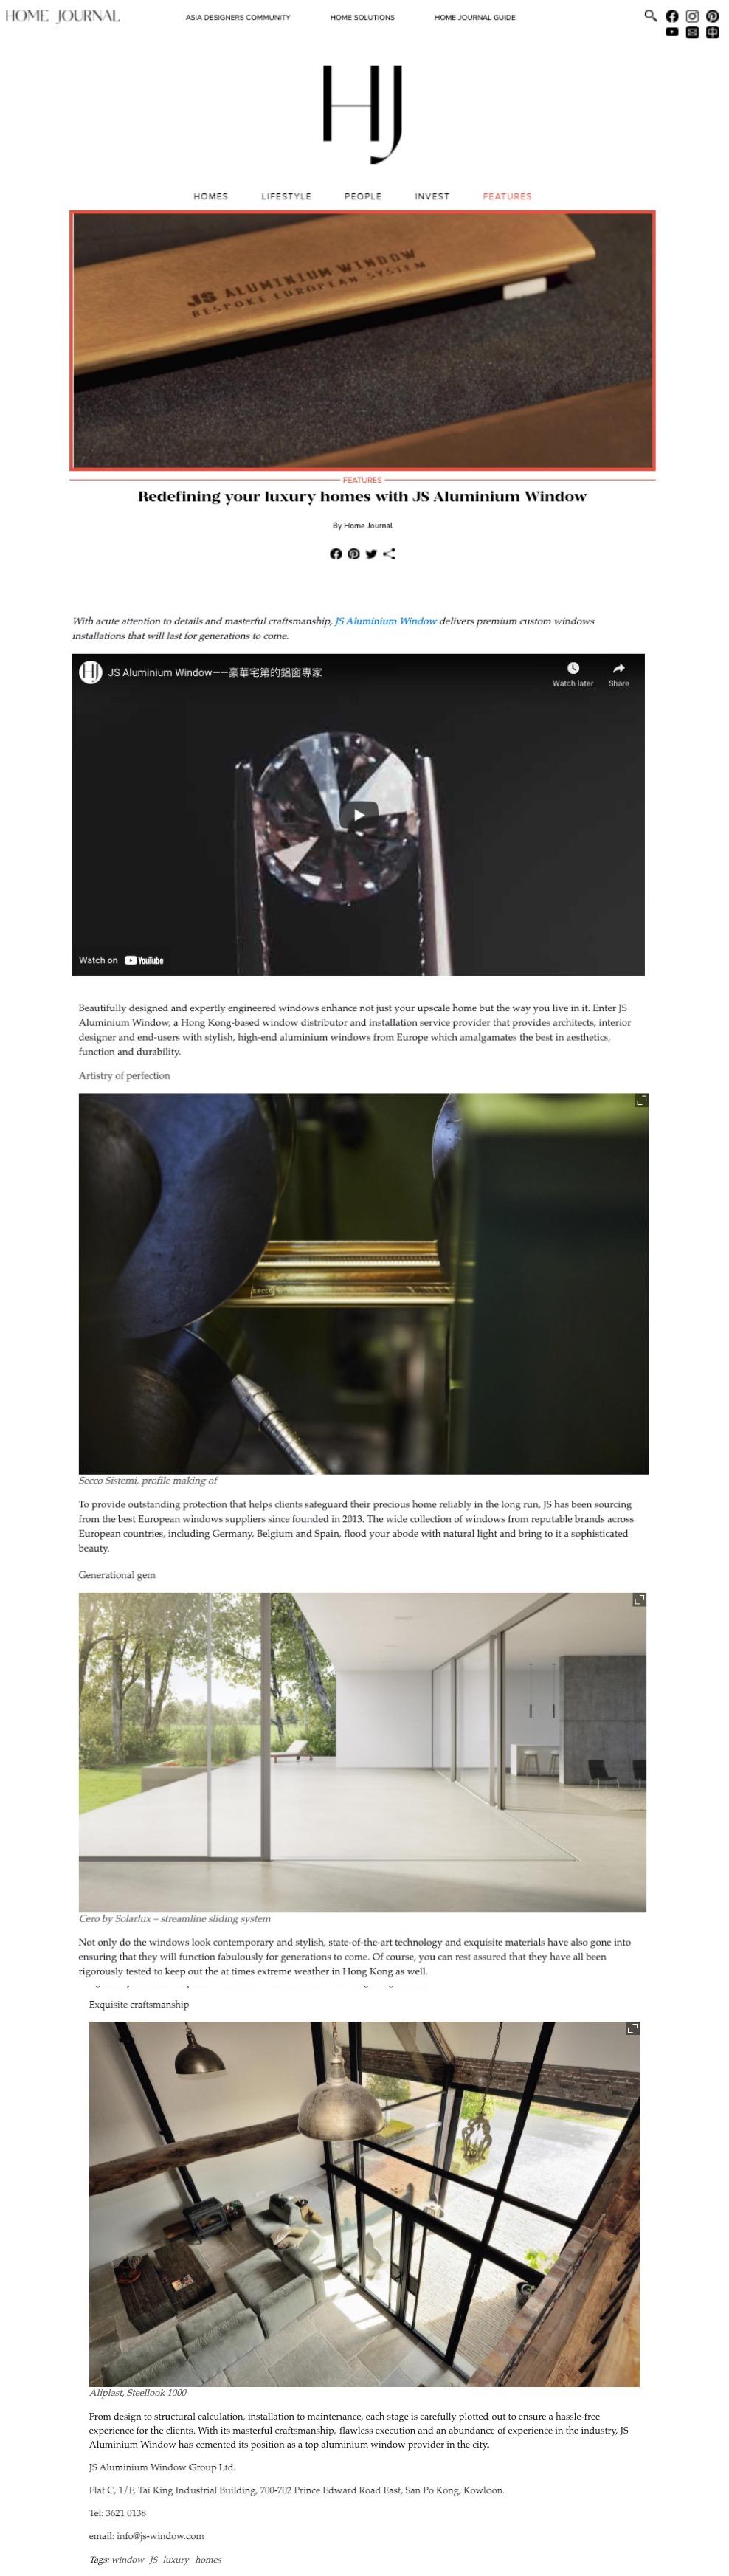 JS - Aluminium Windows in Hong Kong 香港優質鋁窗公司 Home Journal Article